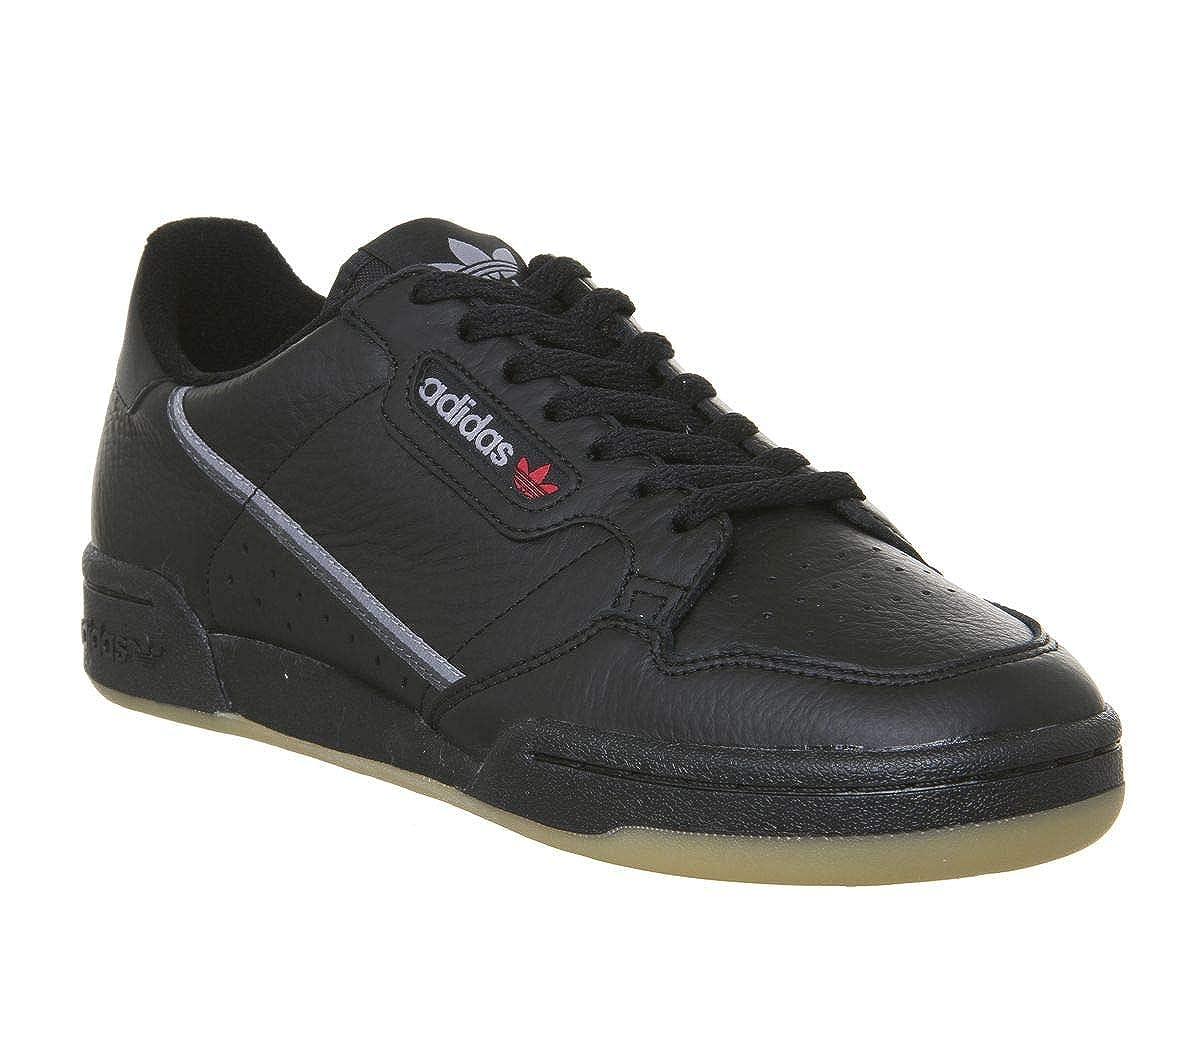 Adidas Herren Continental 80 Fitnessschuhe schwarz B07K1FX5YX Hallen- & Fitnessschuhe Großer Verkauf